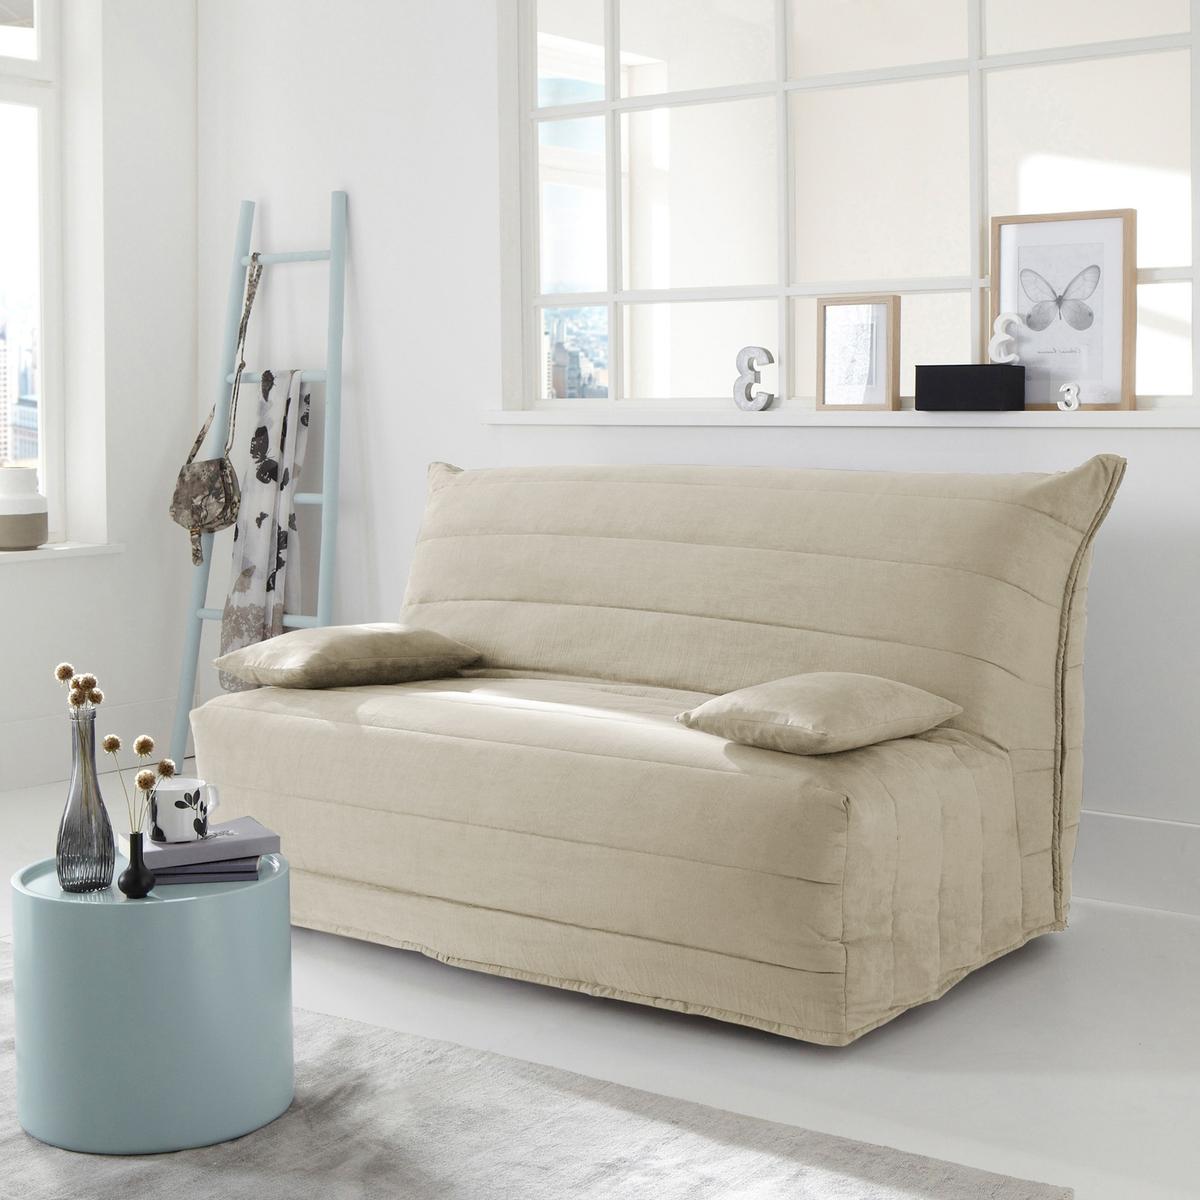 Чехол для дивана-аккордеона из искусственной замшиЧехол для дивана-аккордеона из искусственной замши, мягкий и приятный на ощупь, 100% полиэстер. Полностью закрывает диван включая спинку.Характеристики чехла для дивана-аккордеона:Наполнитель: полиэстер, 120 г/м?.Красивая отделка.2 ширины на выбор: 140 или 160 см. Глубина: 56 см.Стирка при 30°.<br><br>Цвет: антрацит,бежевый песочный,красный,светло-желто-каштановый,серый жемчужный,шоколадно-каштановый<br>Размер: 160 cm.160 cm.160 cm